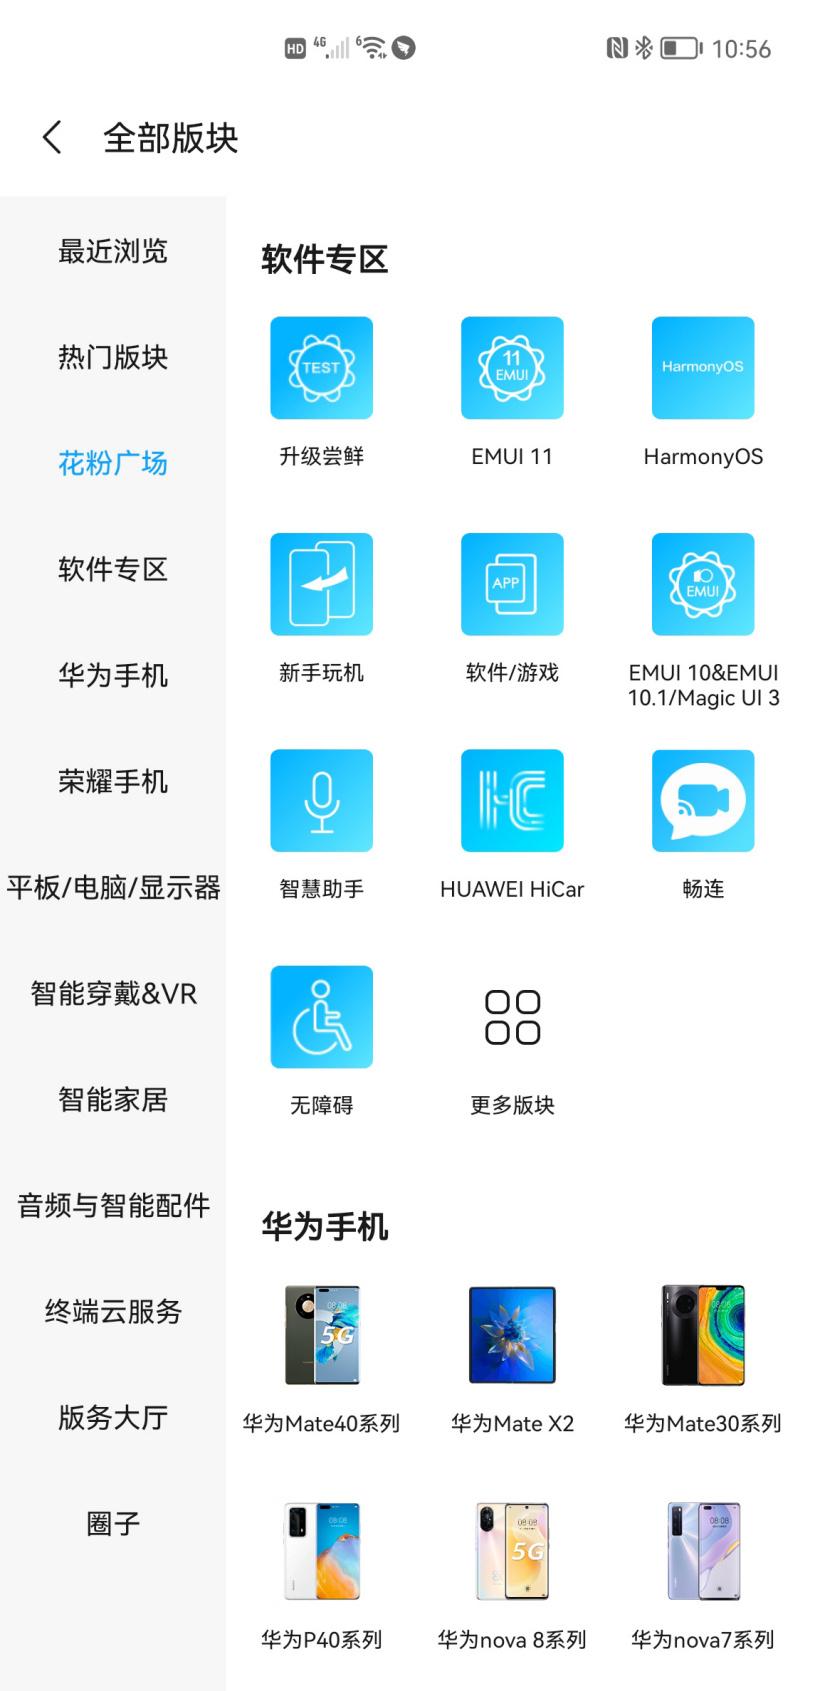 华为鸿蒙 HarmonyOS 2.0 发布,教你如何升级体验